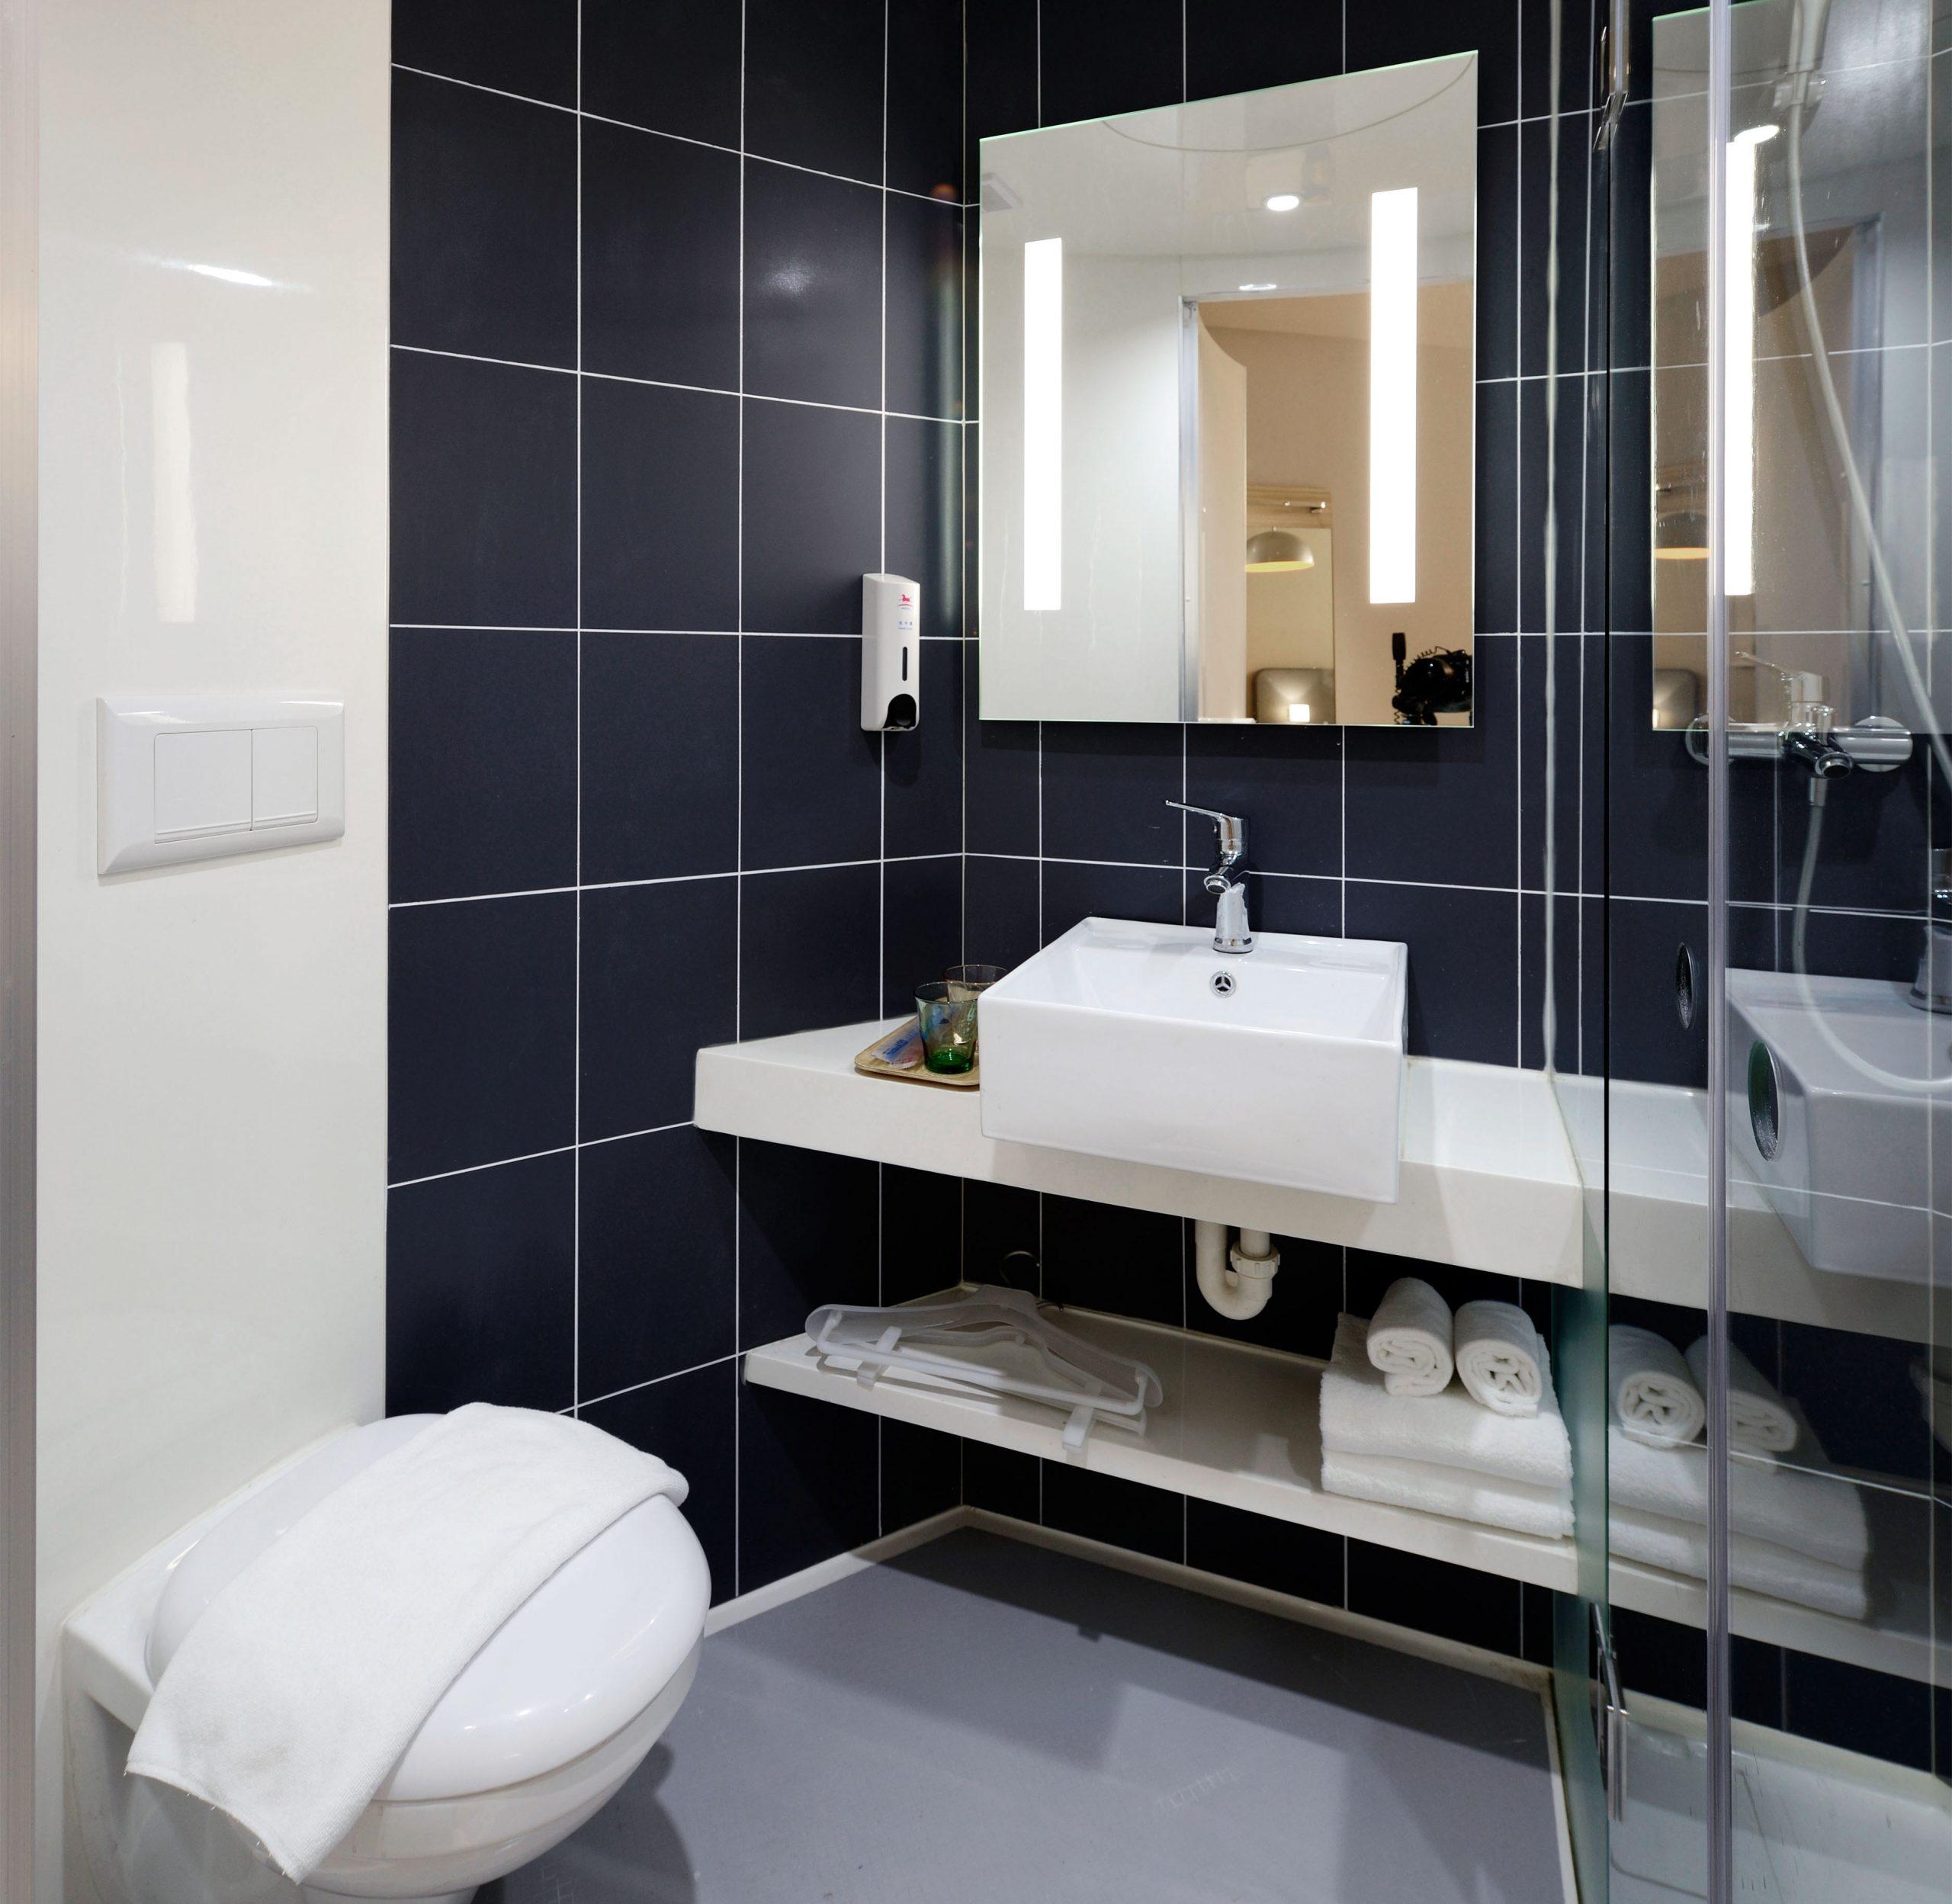 Most Popular Bathroom Designs in San Diego scaled